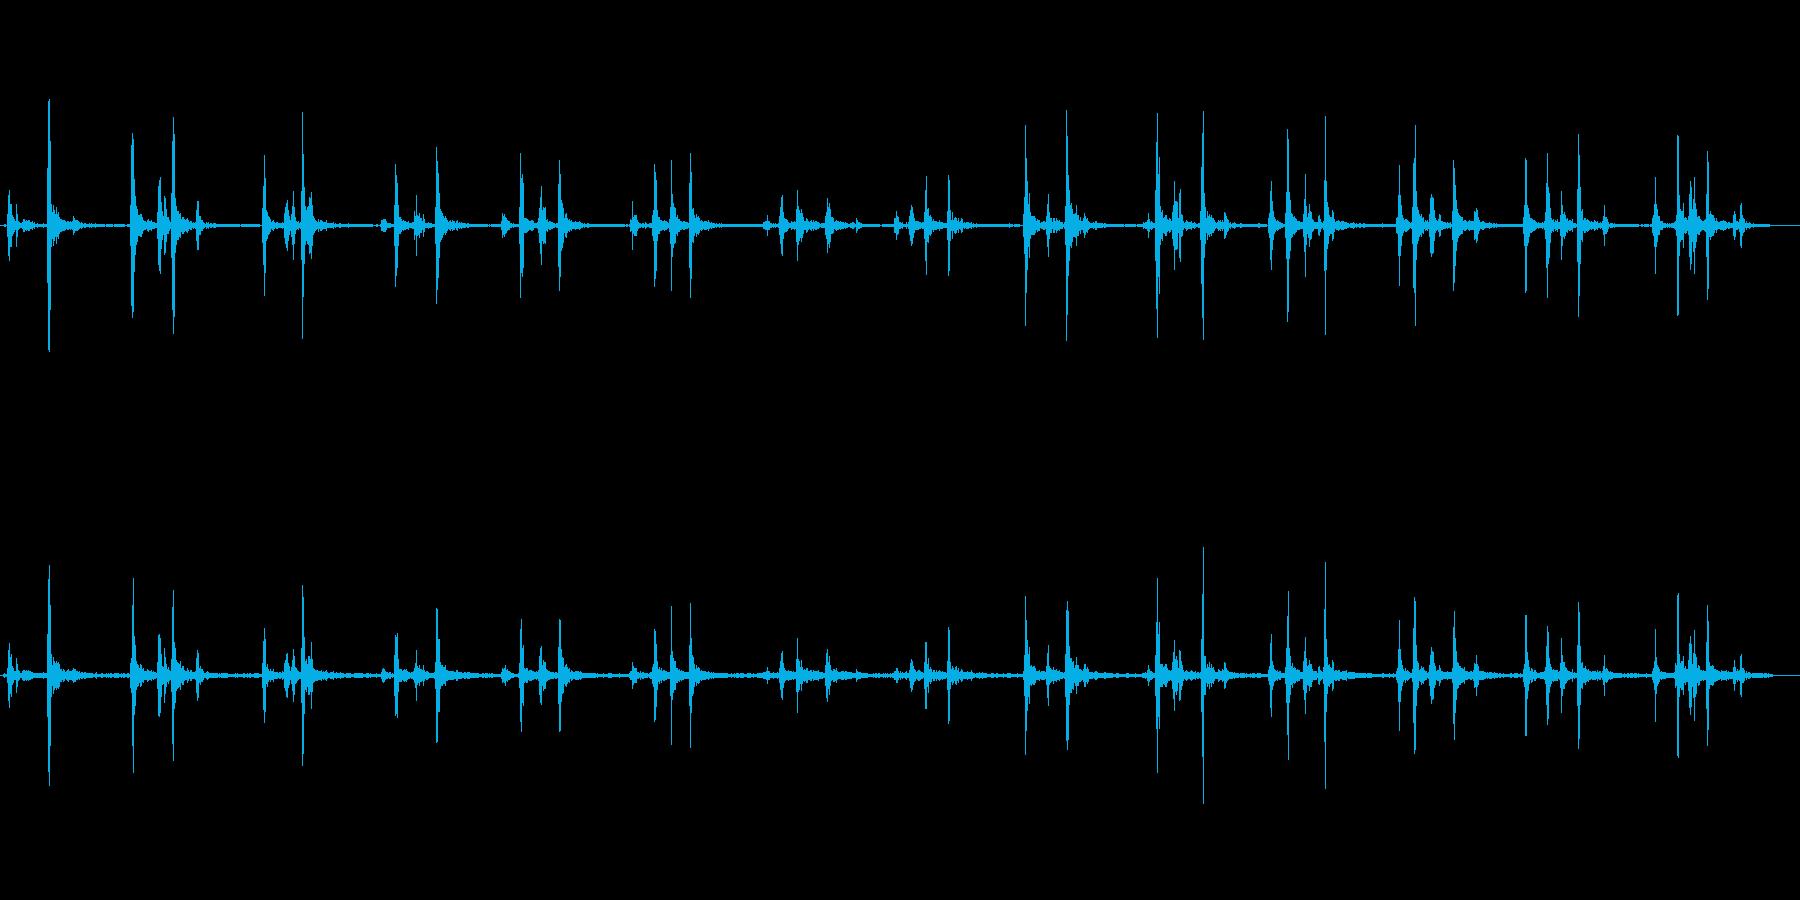 パカラッ(馬の足音)長めの再生済みの波形